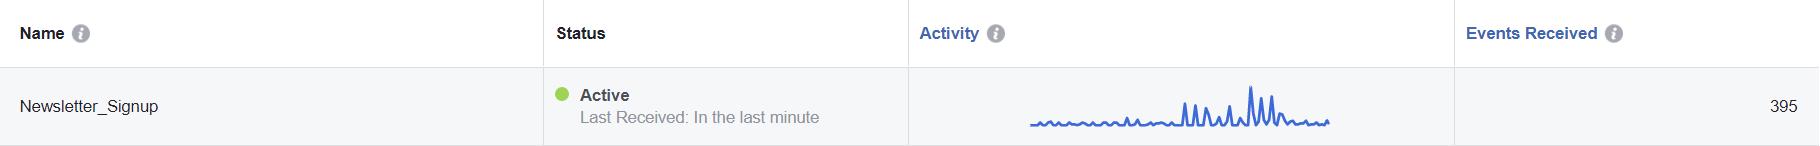 יצירת איוונטים בפיקסל של פייסבוק - יוריס דיגיטל